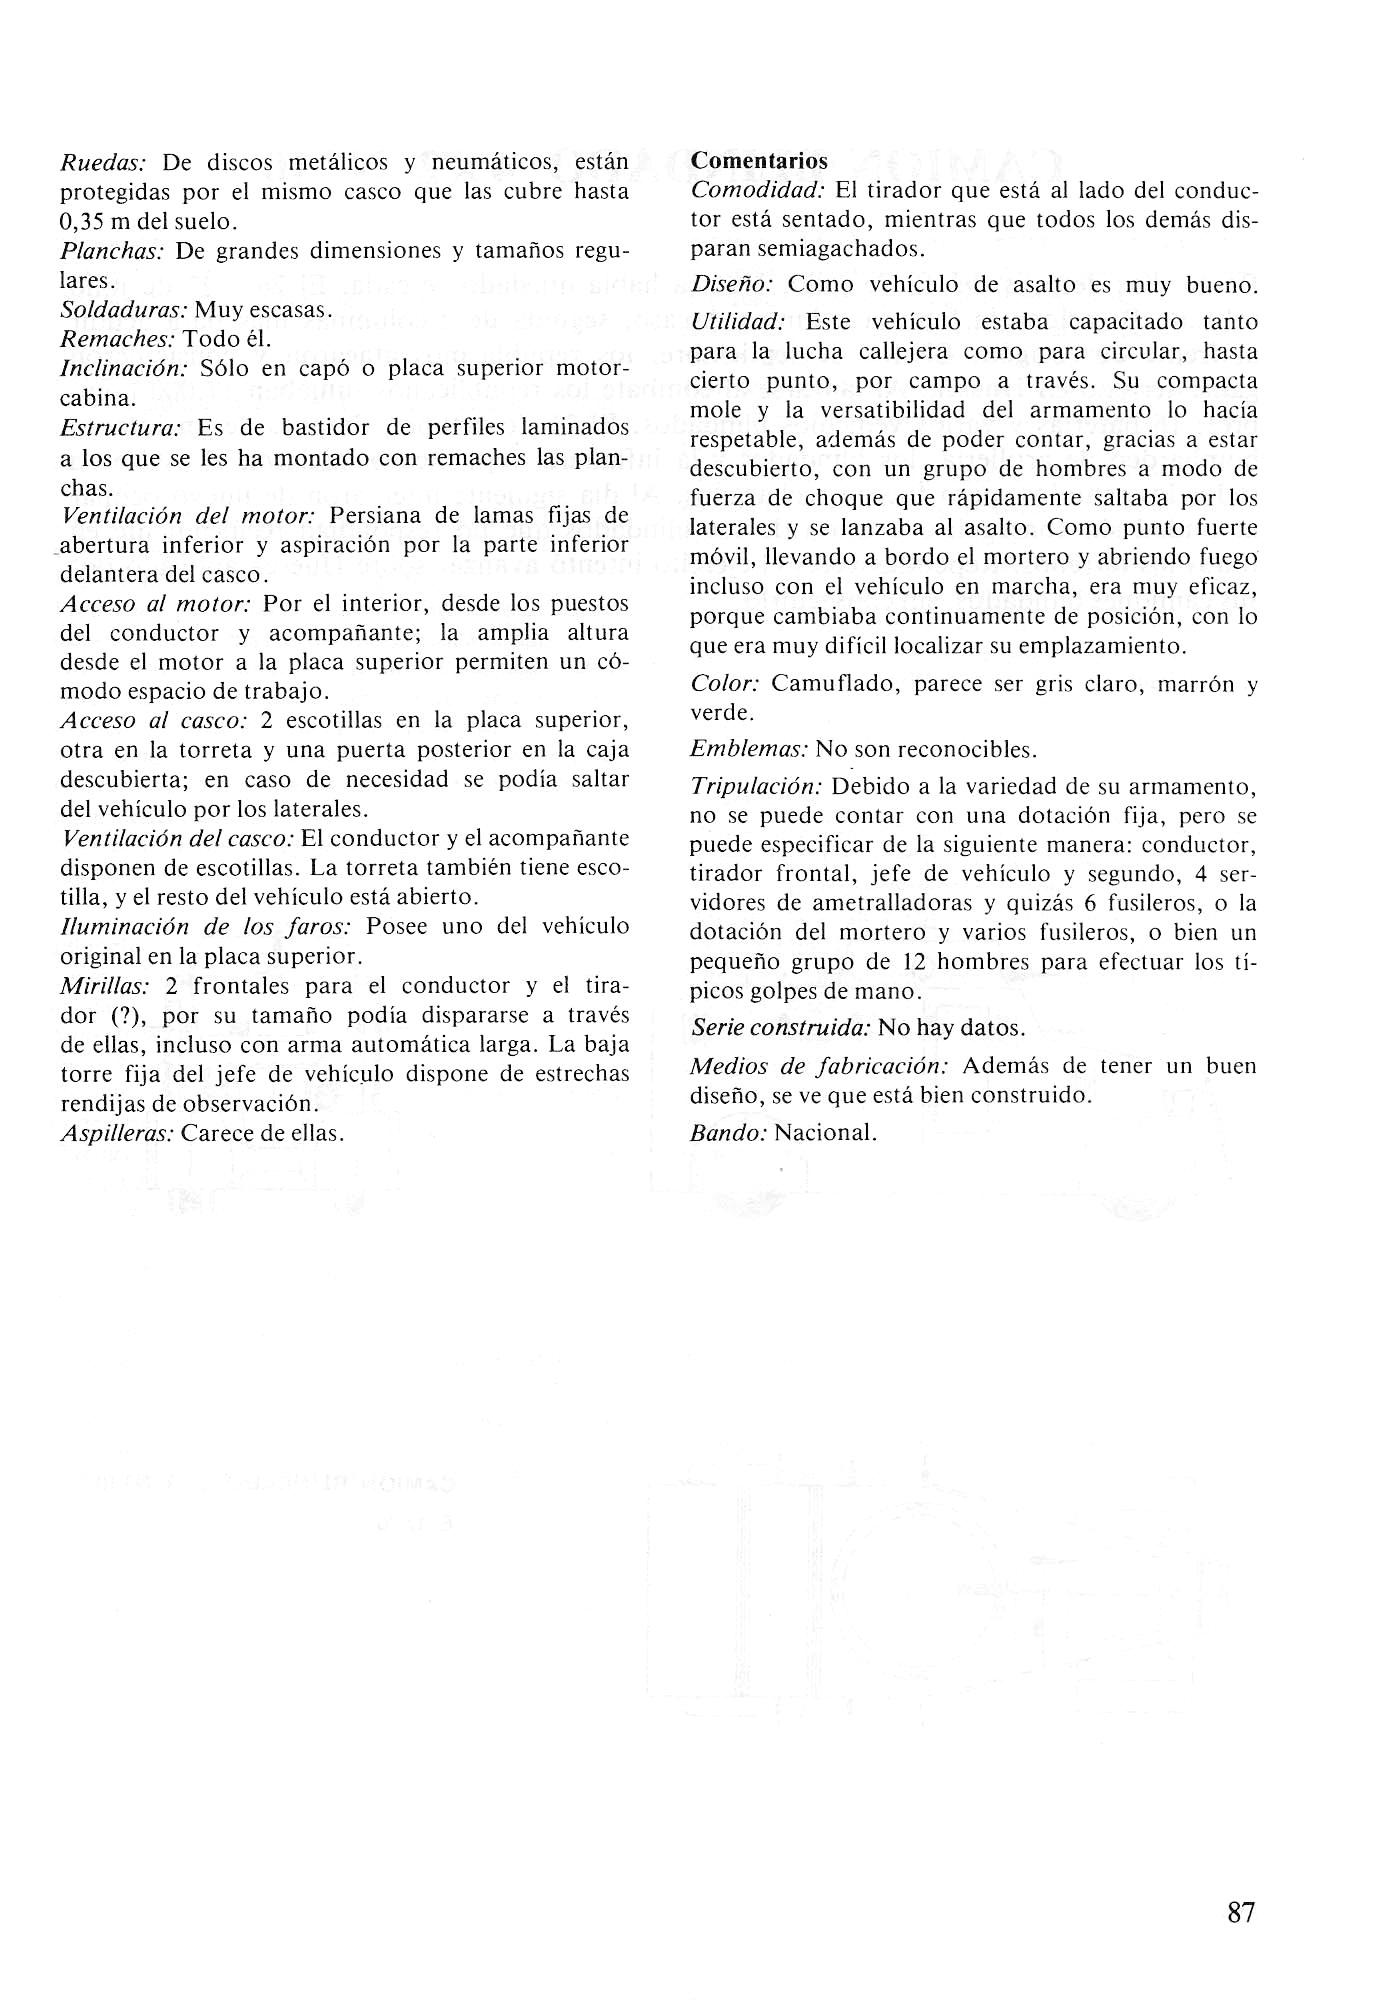 Carros De Combate Y Vehiculos Blindados De La Guerra 1936 1939 [F.C.Albert 1980]_Страница_085.jpg